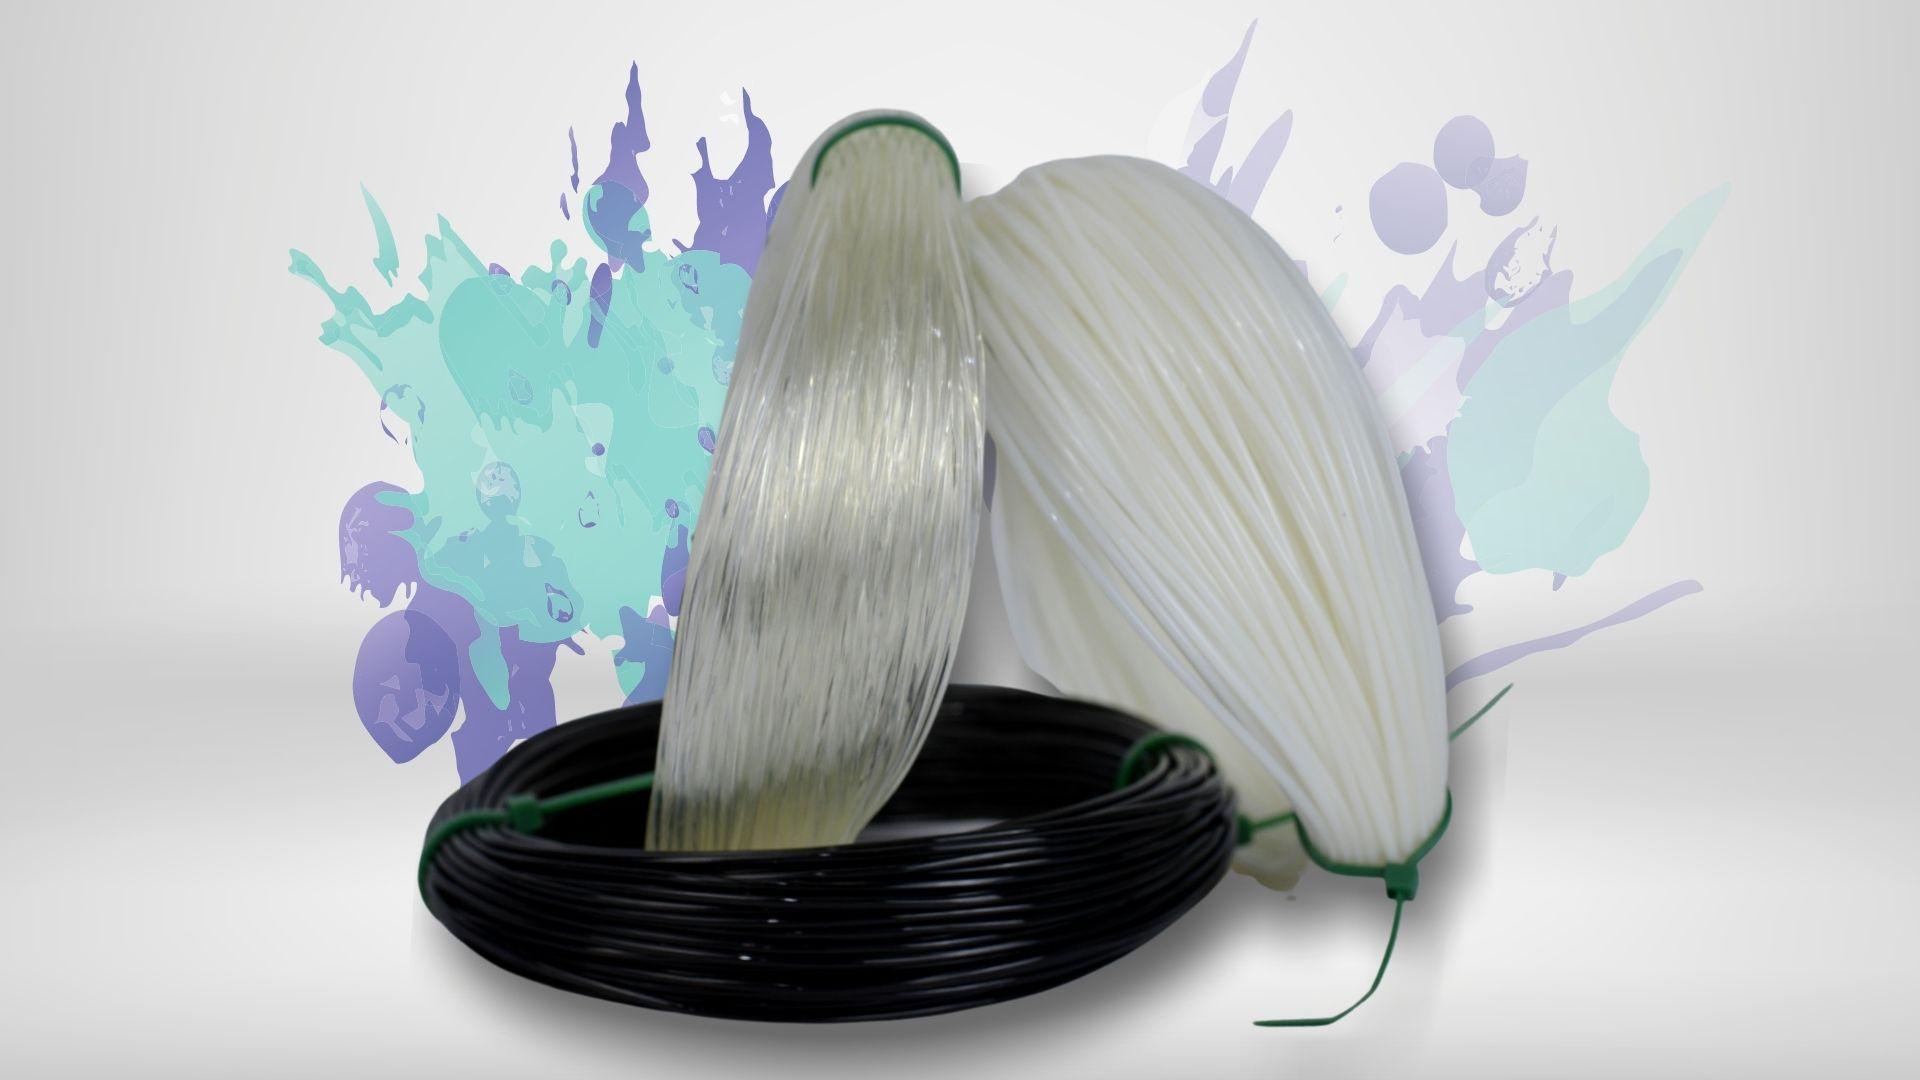 Foto das cores disponíveis para o filamento flexível